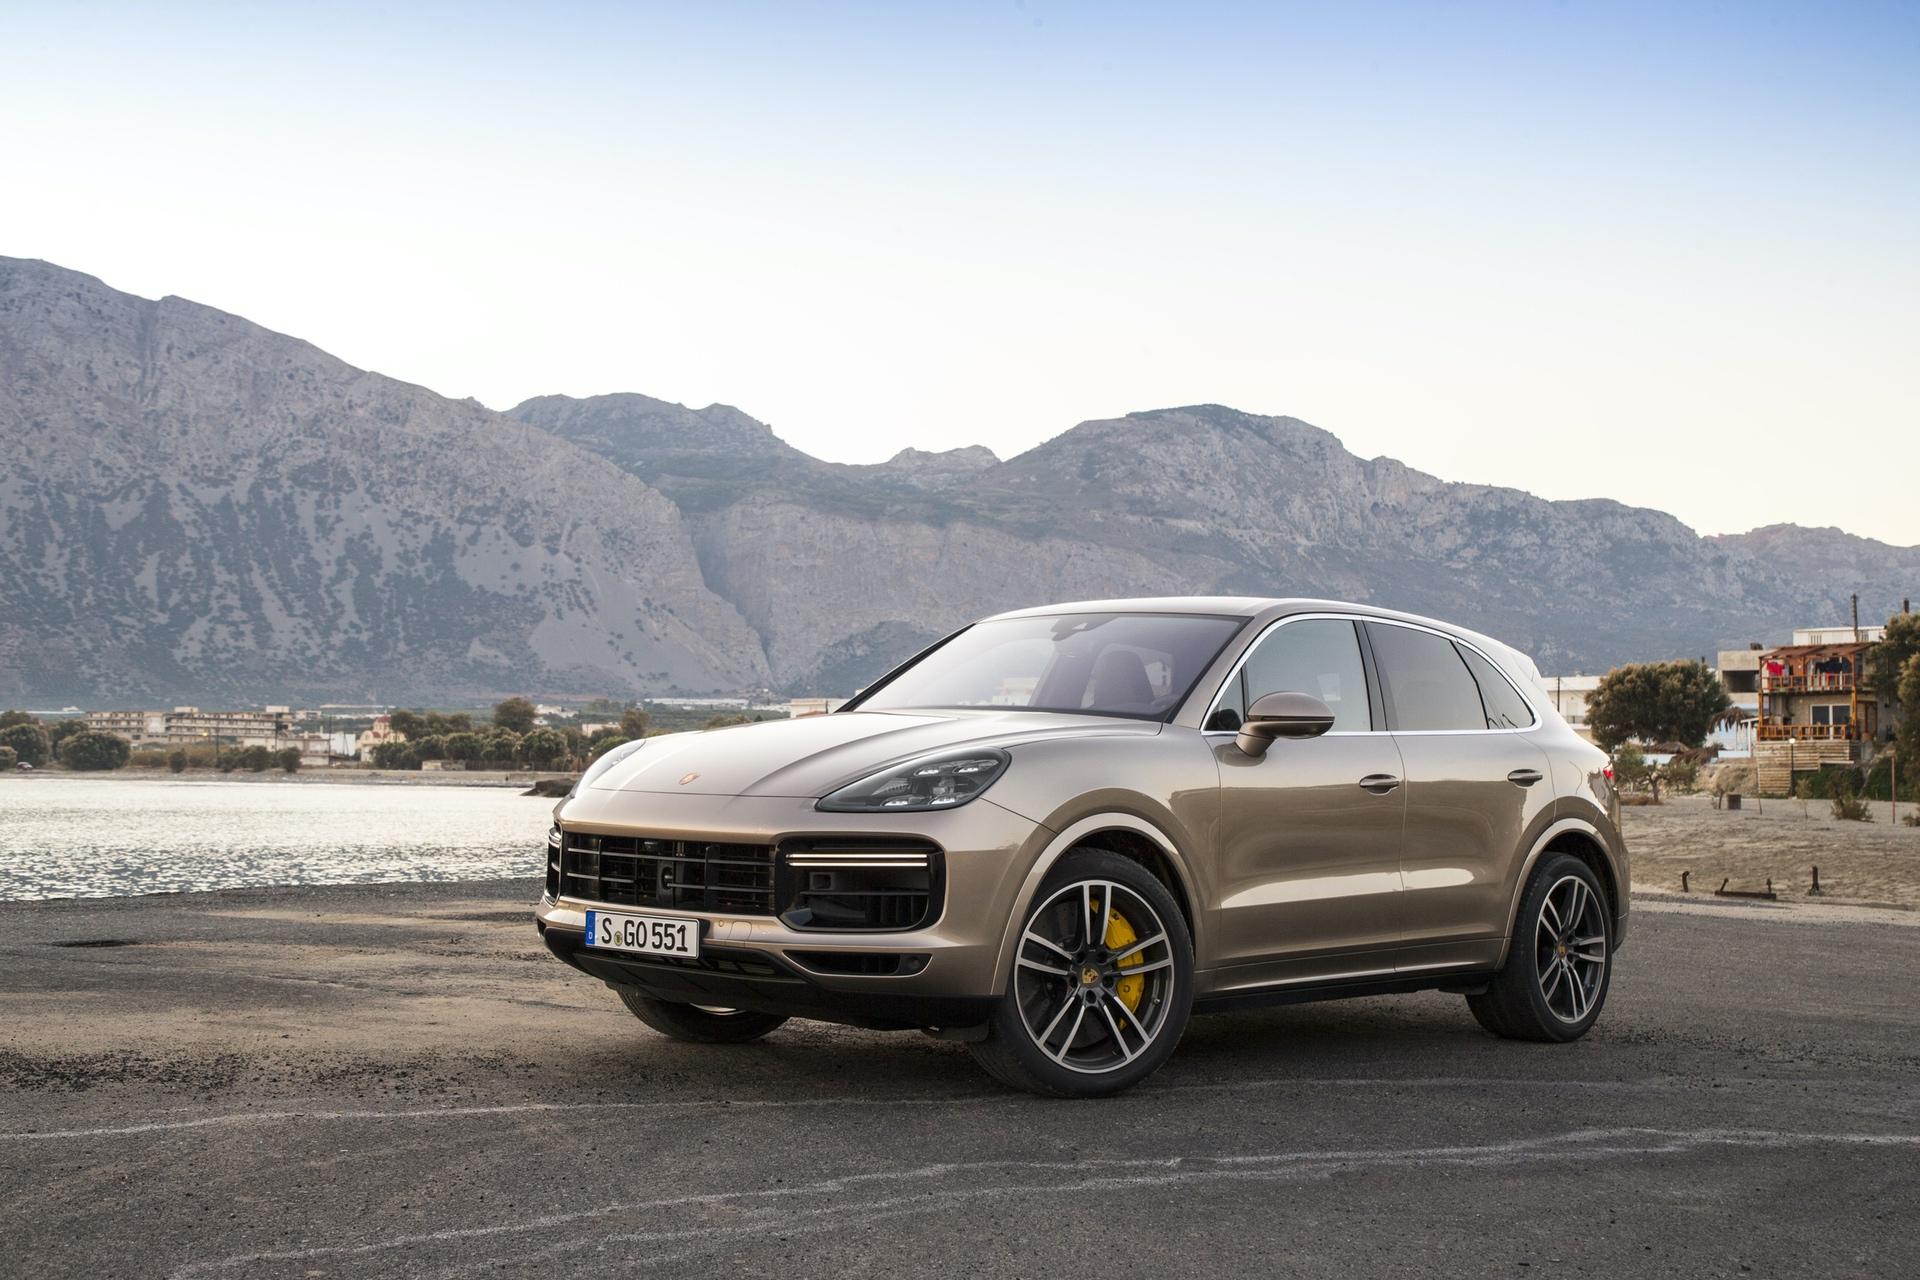 Test_Drive_Porsche_Cayenne_88